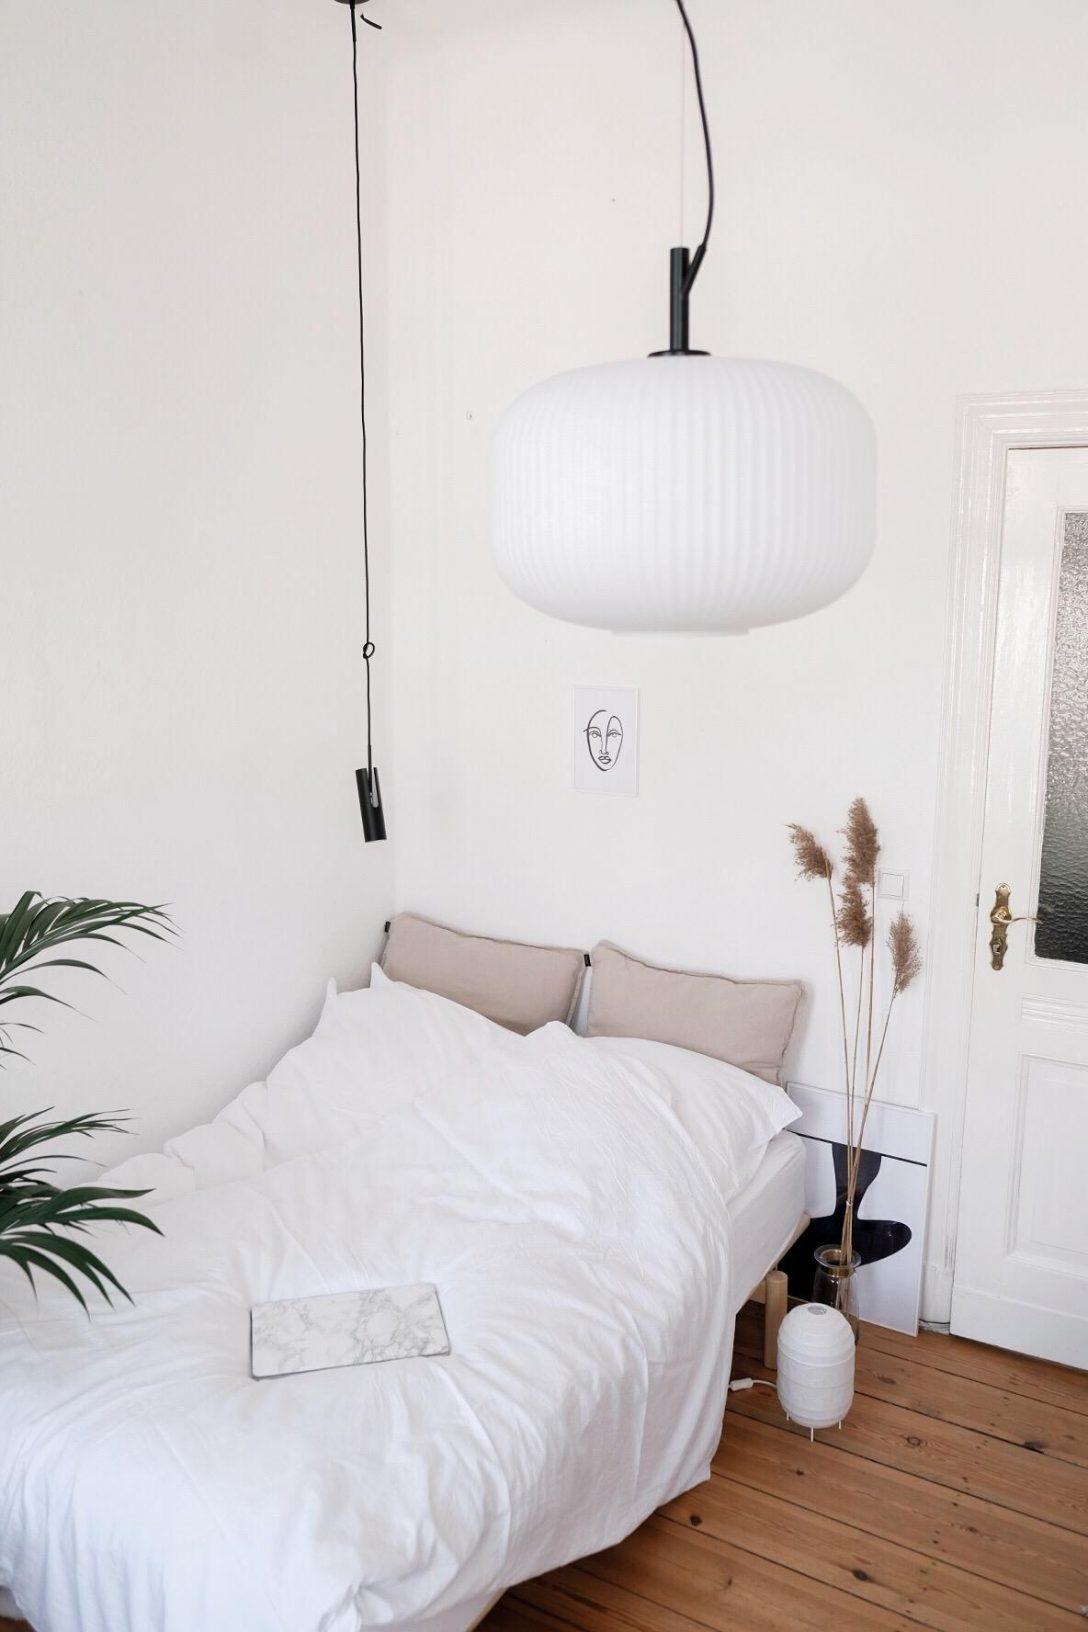 Large Size of Schlafzimmer Lampe Bedroom Deckenleuchte Bett Bad Lampen Deckenlampen Wohnzimmer Deckenleuchten Wandlampe Kommode Weiß Fototapete Massivholz Deckenlampe Schlafzimmer Schlafzimmer Lampe